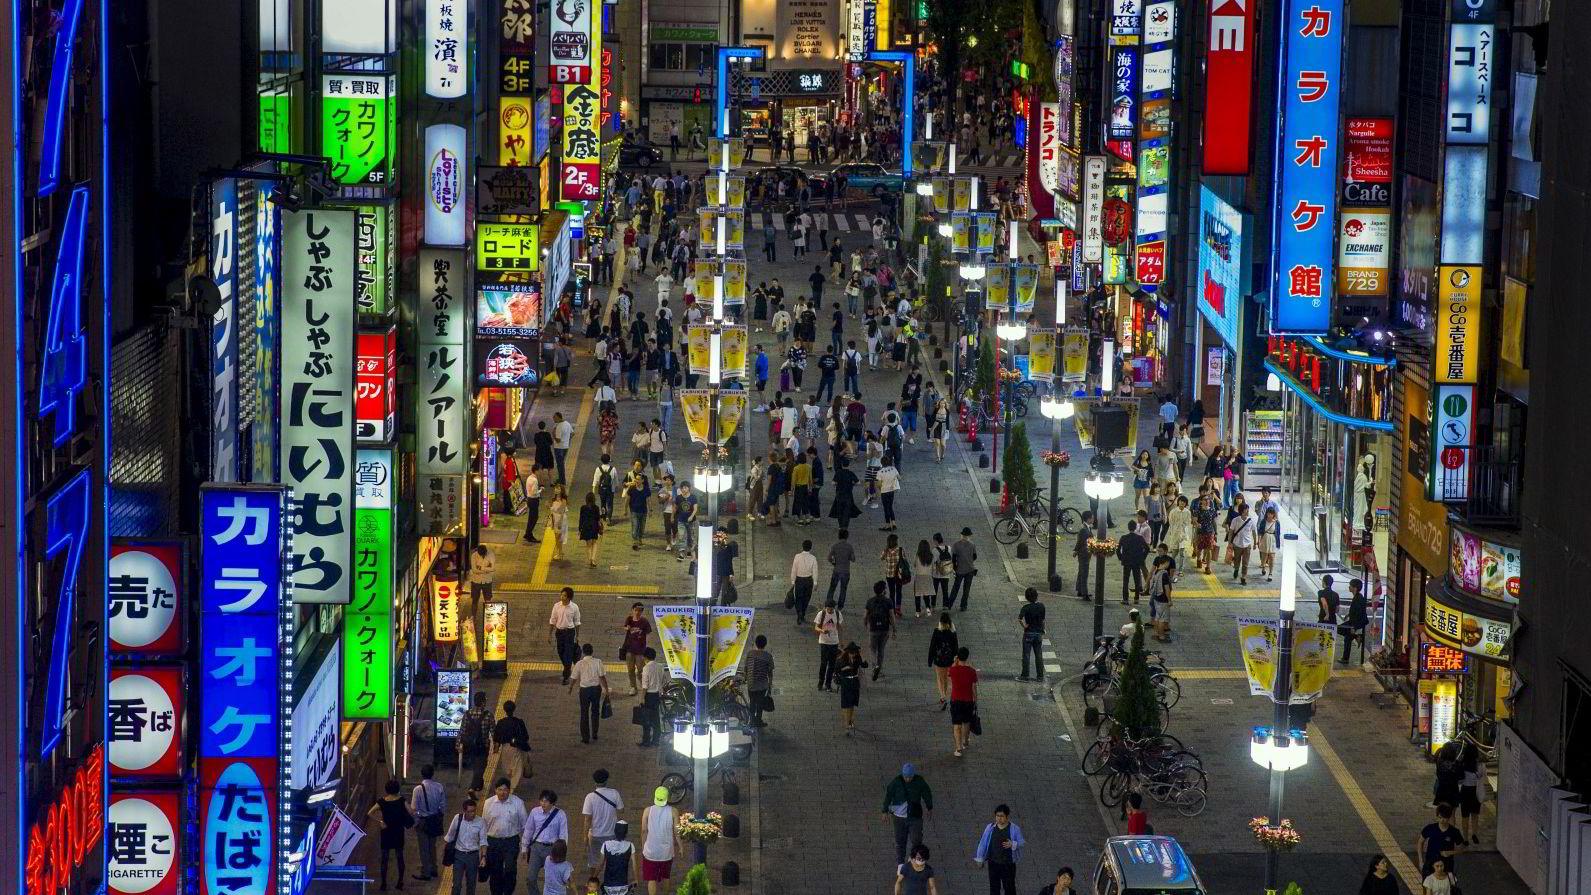 Japan klarer ikke å få fart på veksten. Nå spekuleres det på om såkalte helikopterpenger kan bli det neste utspillet, det vil i praksis si at befolkningen får «nytrykte penger rett i lomma». Foto: Thomas Peter/Reuters/NTB scanpix